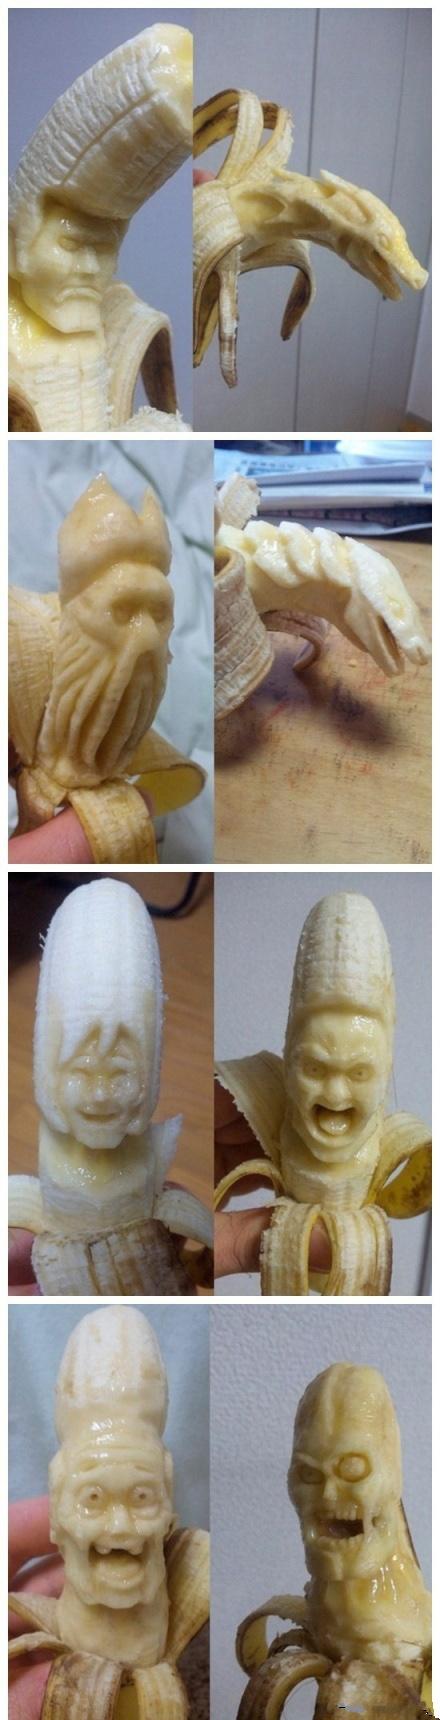 给香蕉吃成这样。。。神一样的境界啊~